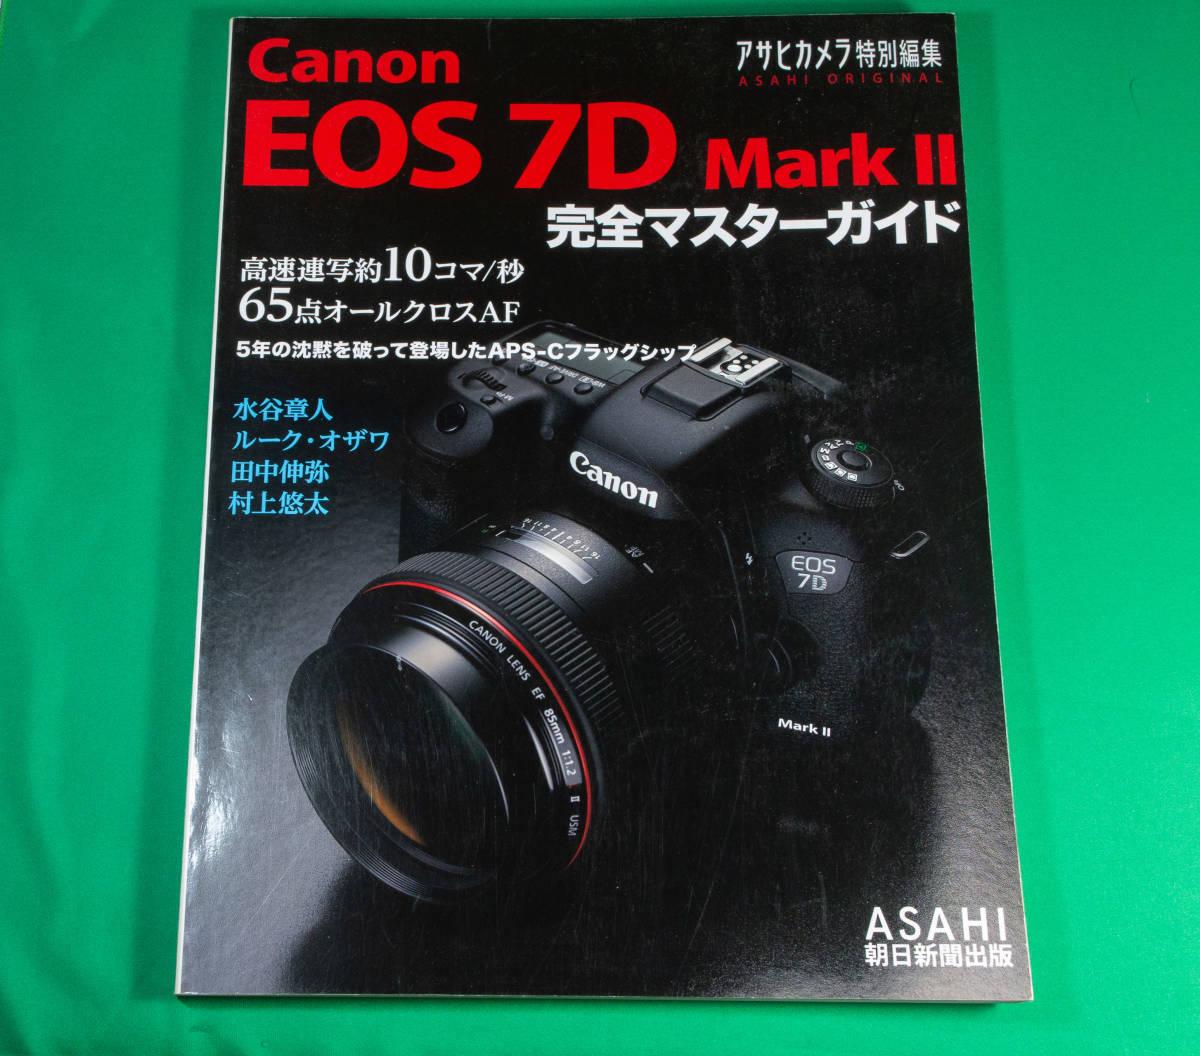 書籍 ** Canon EOS 7D markII 完全マスターガイド **  新同